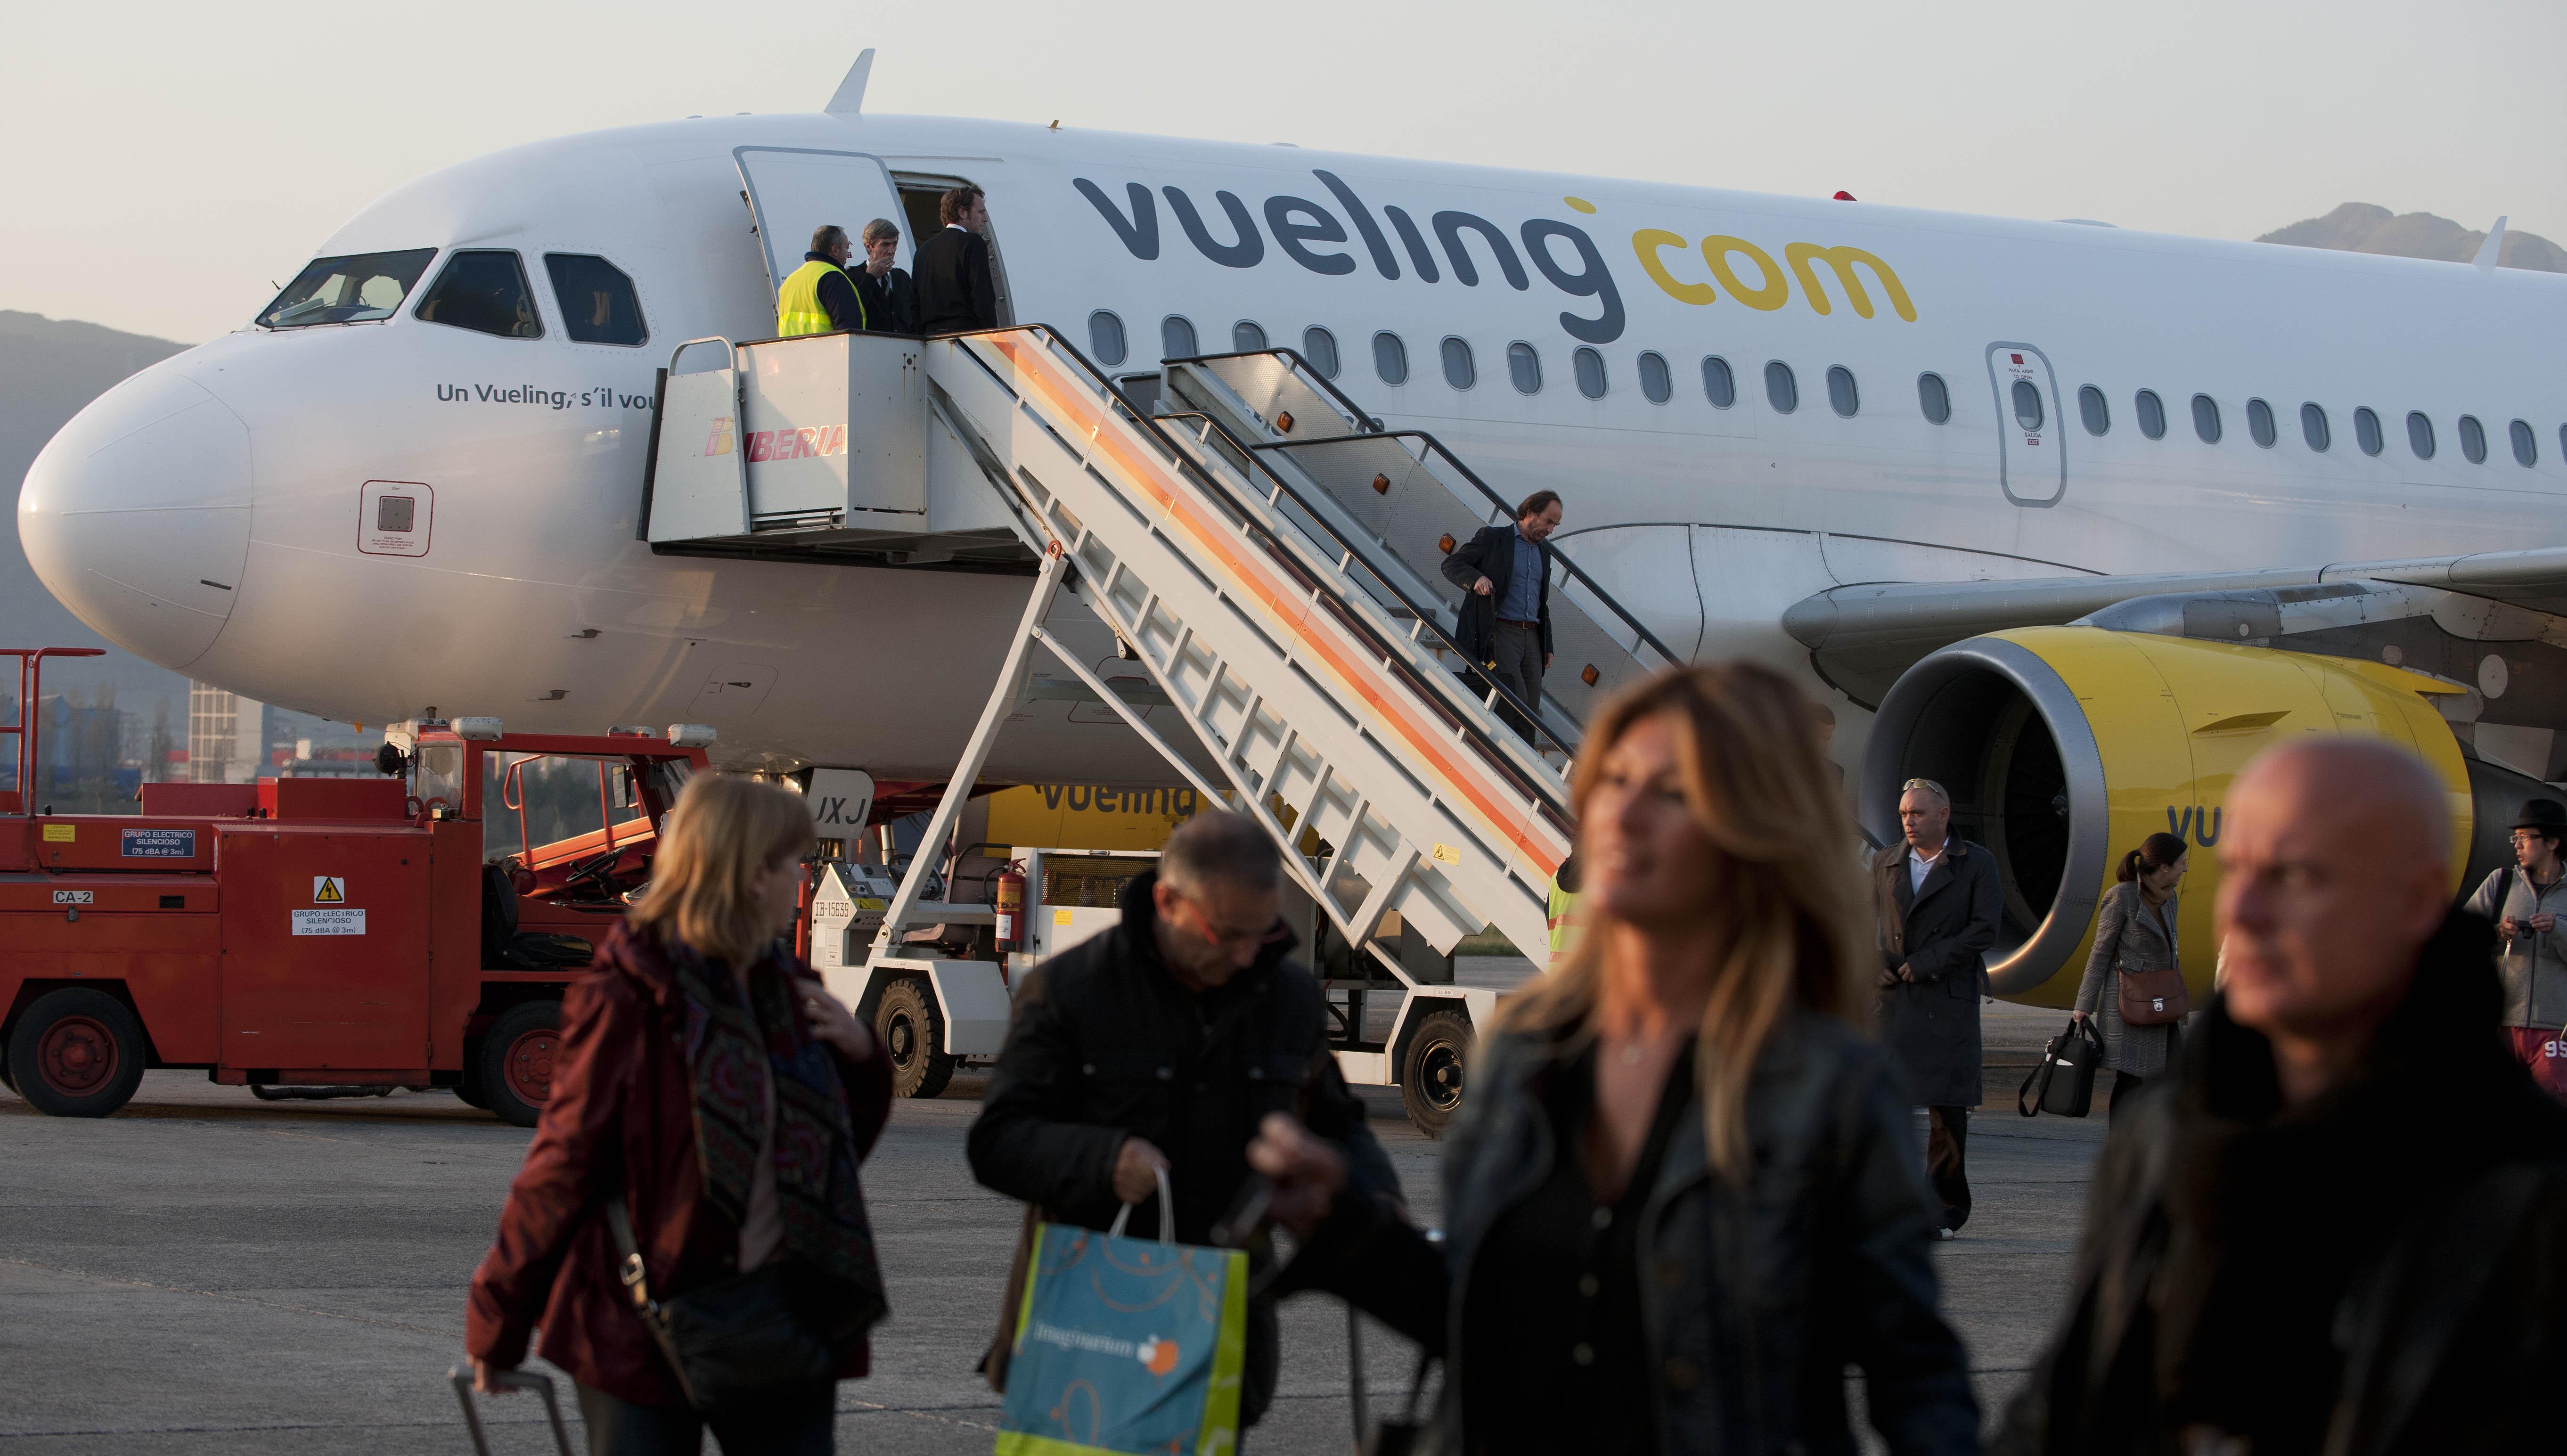 2012_03_30_gasco_vueling_hondarribia_barcelona_07.jpg